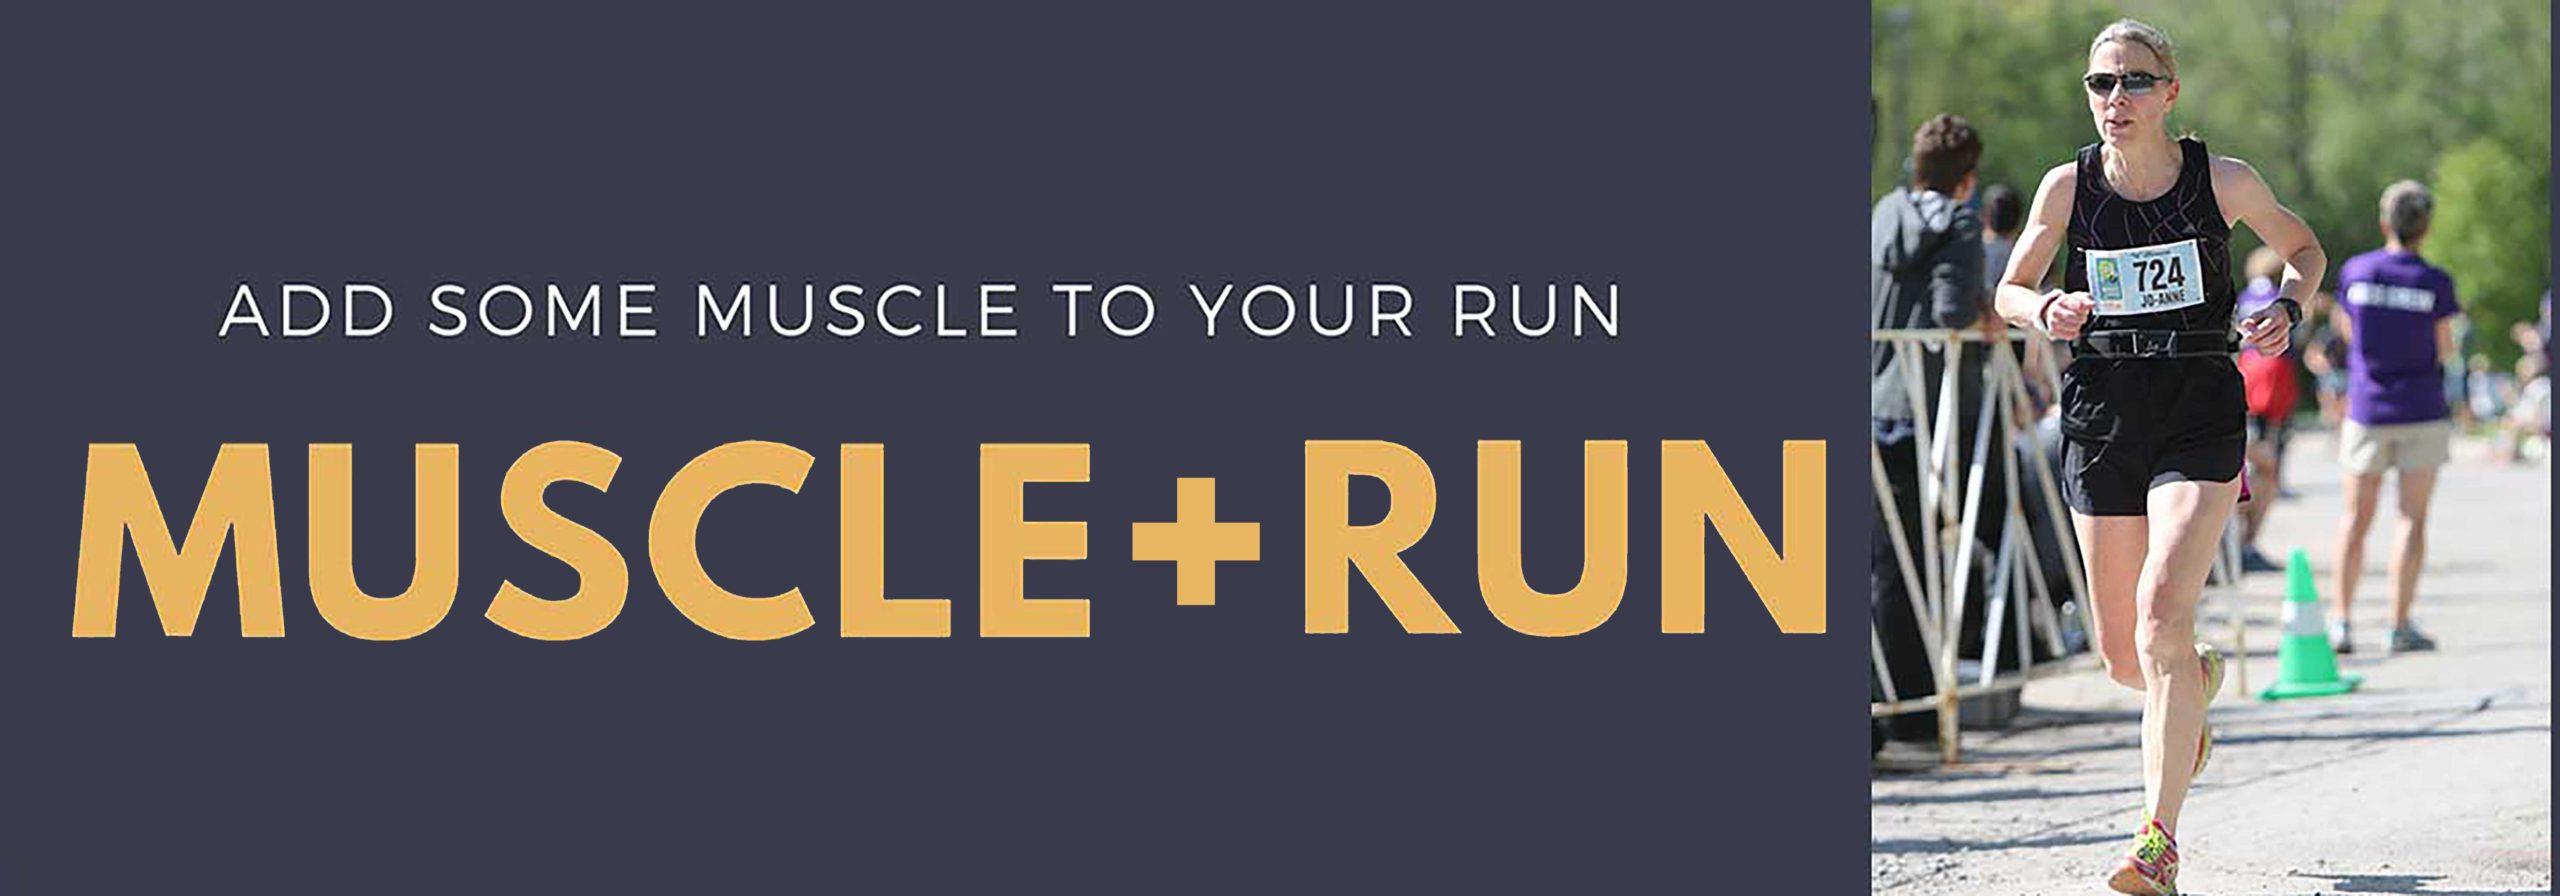 MUSCLE + RUN IS BACK WITH JO-ANNE SHEFFIELD